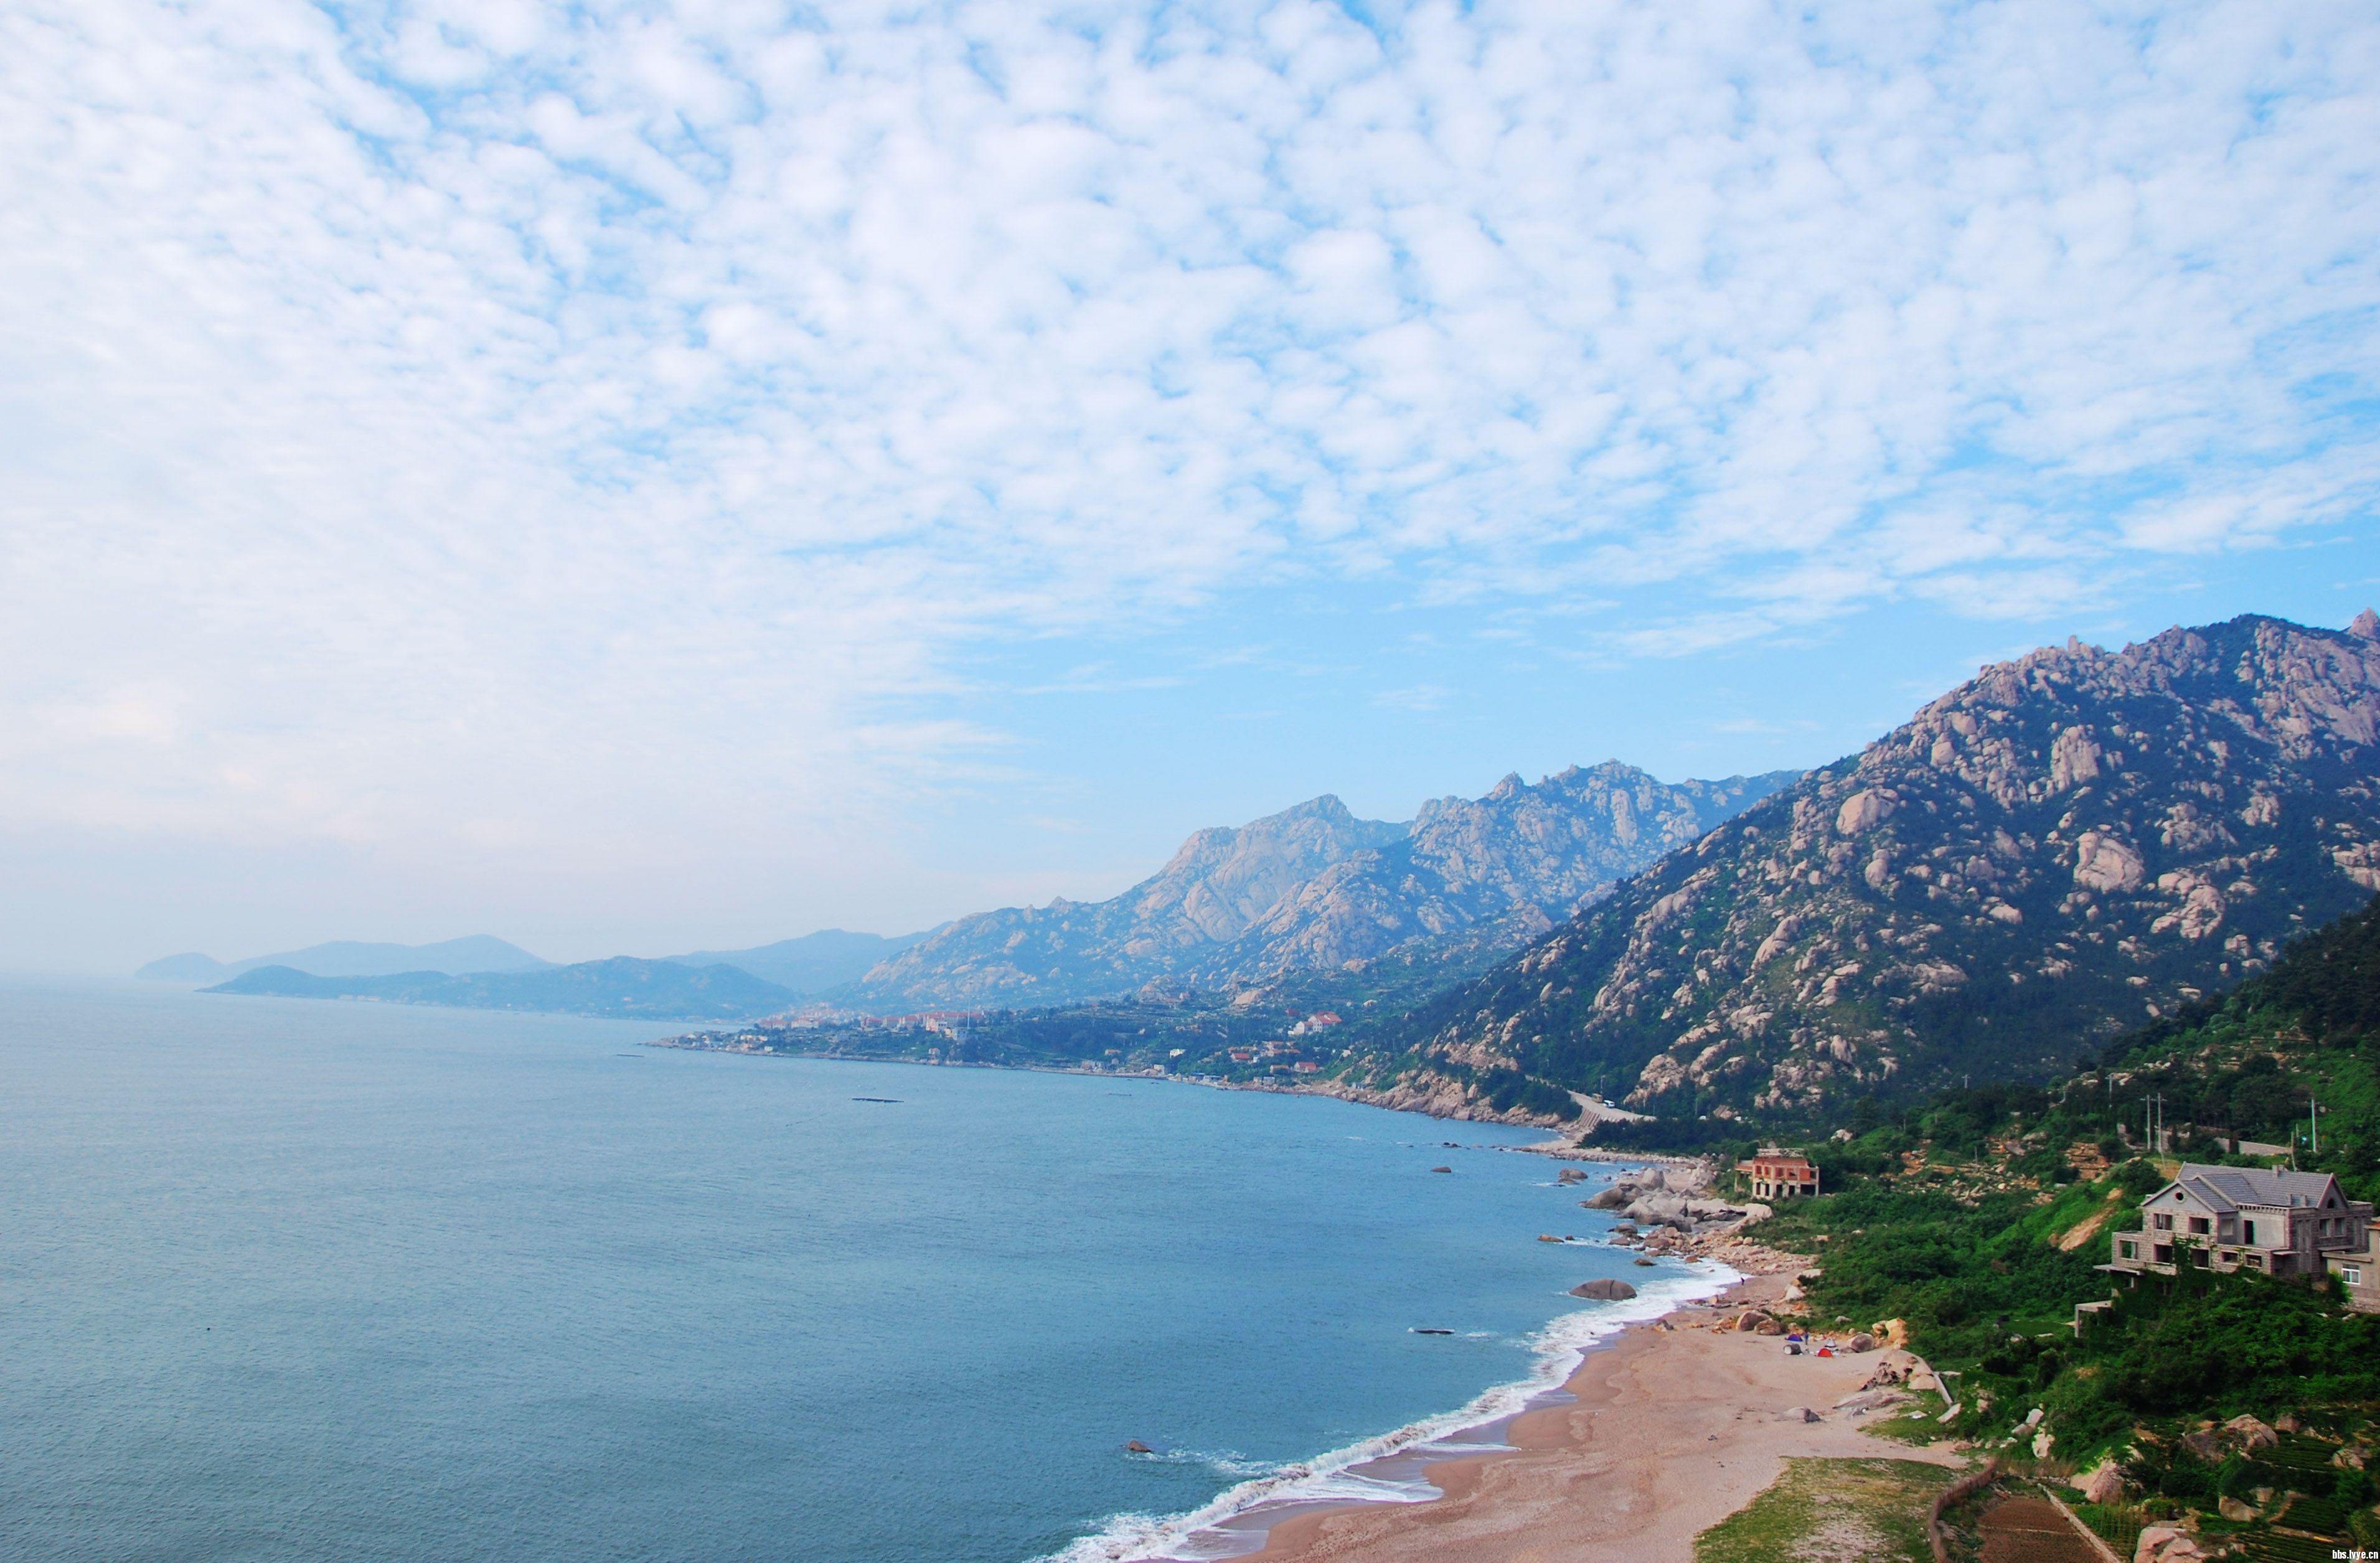 [照片摄影] 【魔女户外】走遍中国(8)---2013年美丽青岛海边,灵山岛